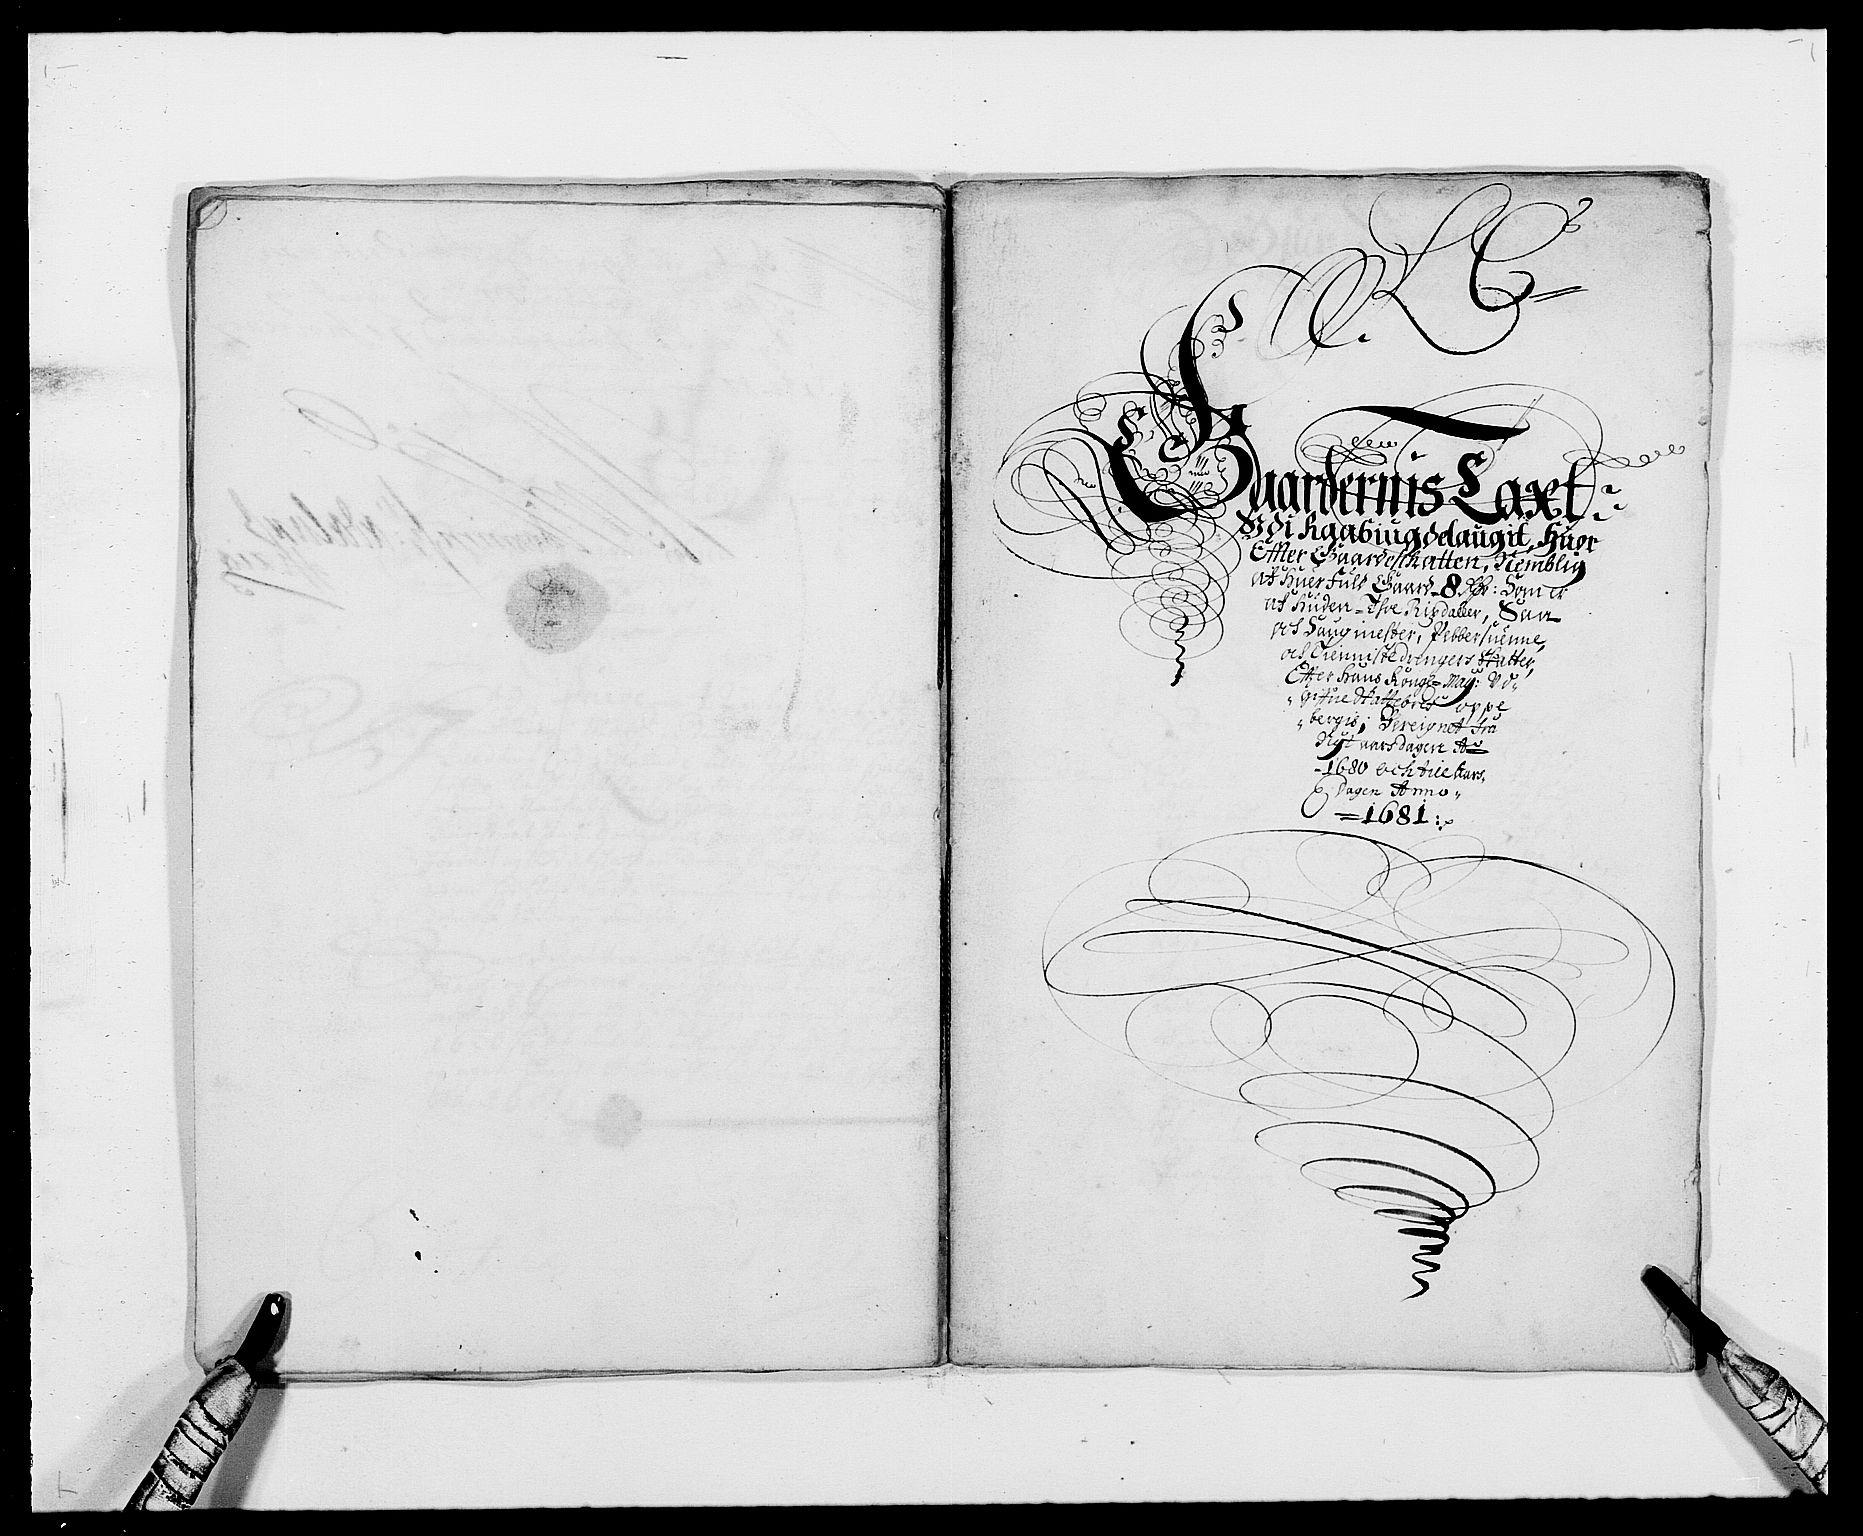 RA, Rentekammeret inntil 1814, Reviderte regnskaper, Fogderegnskap, R40/L2436: Fogderegnskap Råbyggelag, 1679-1680, s. 220